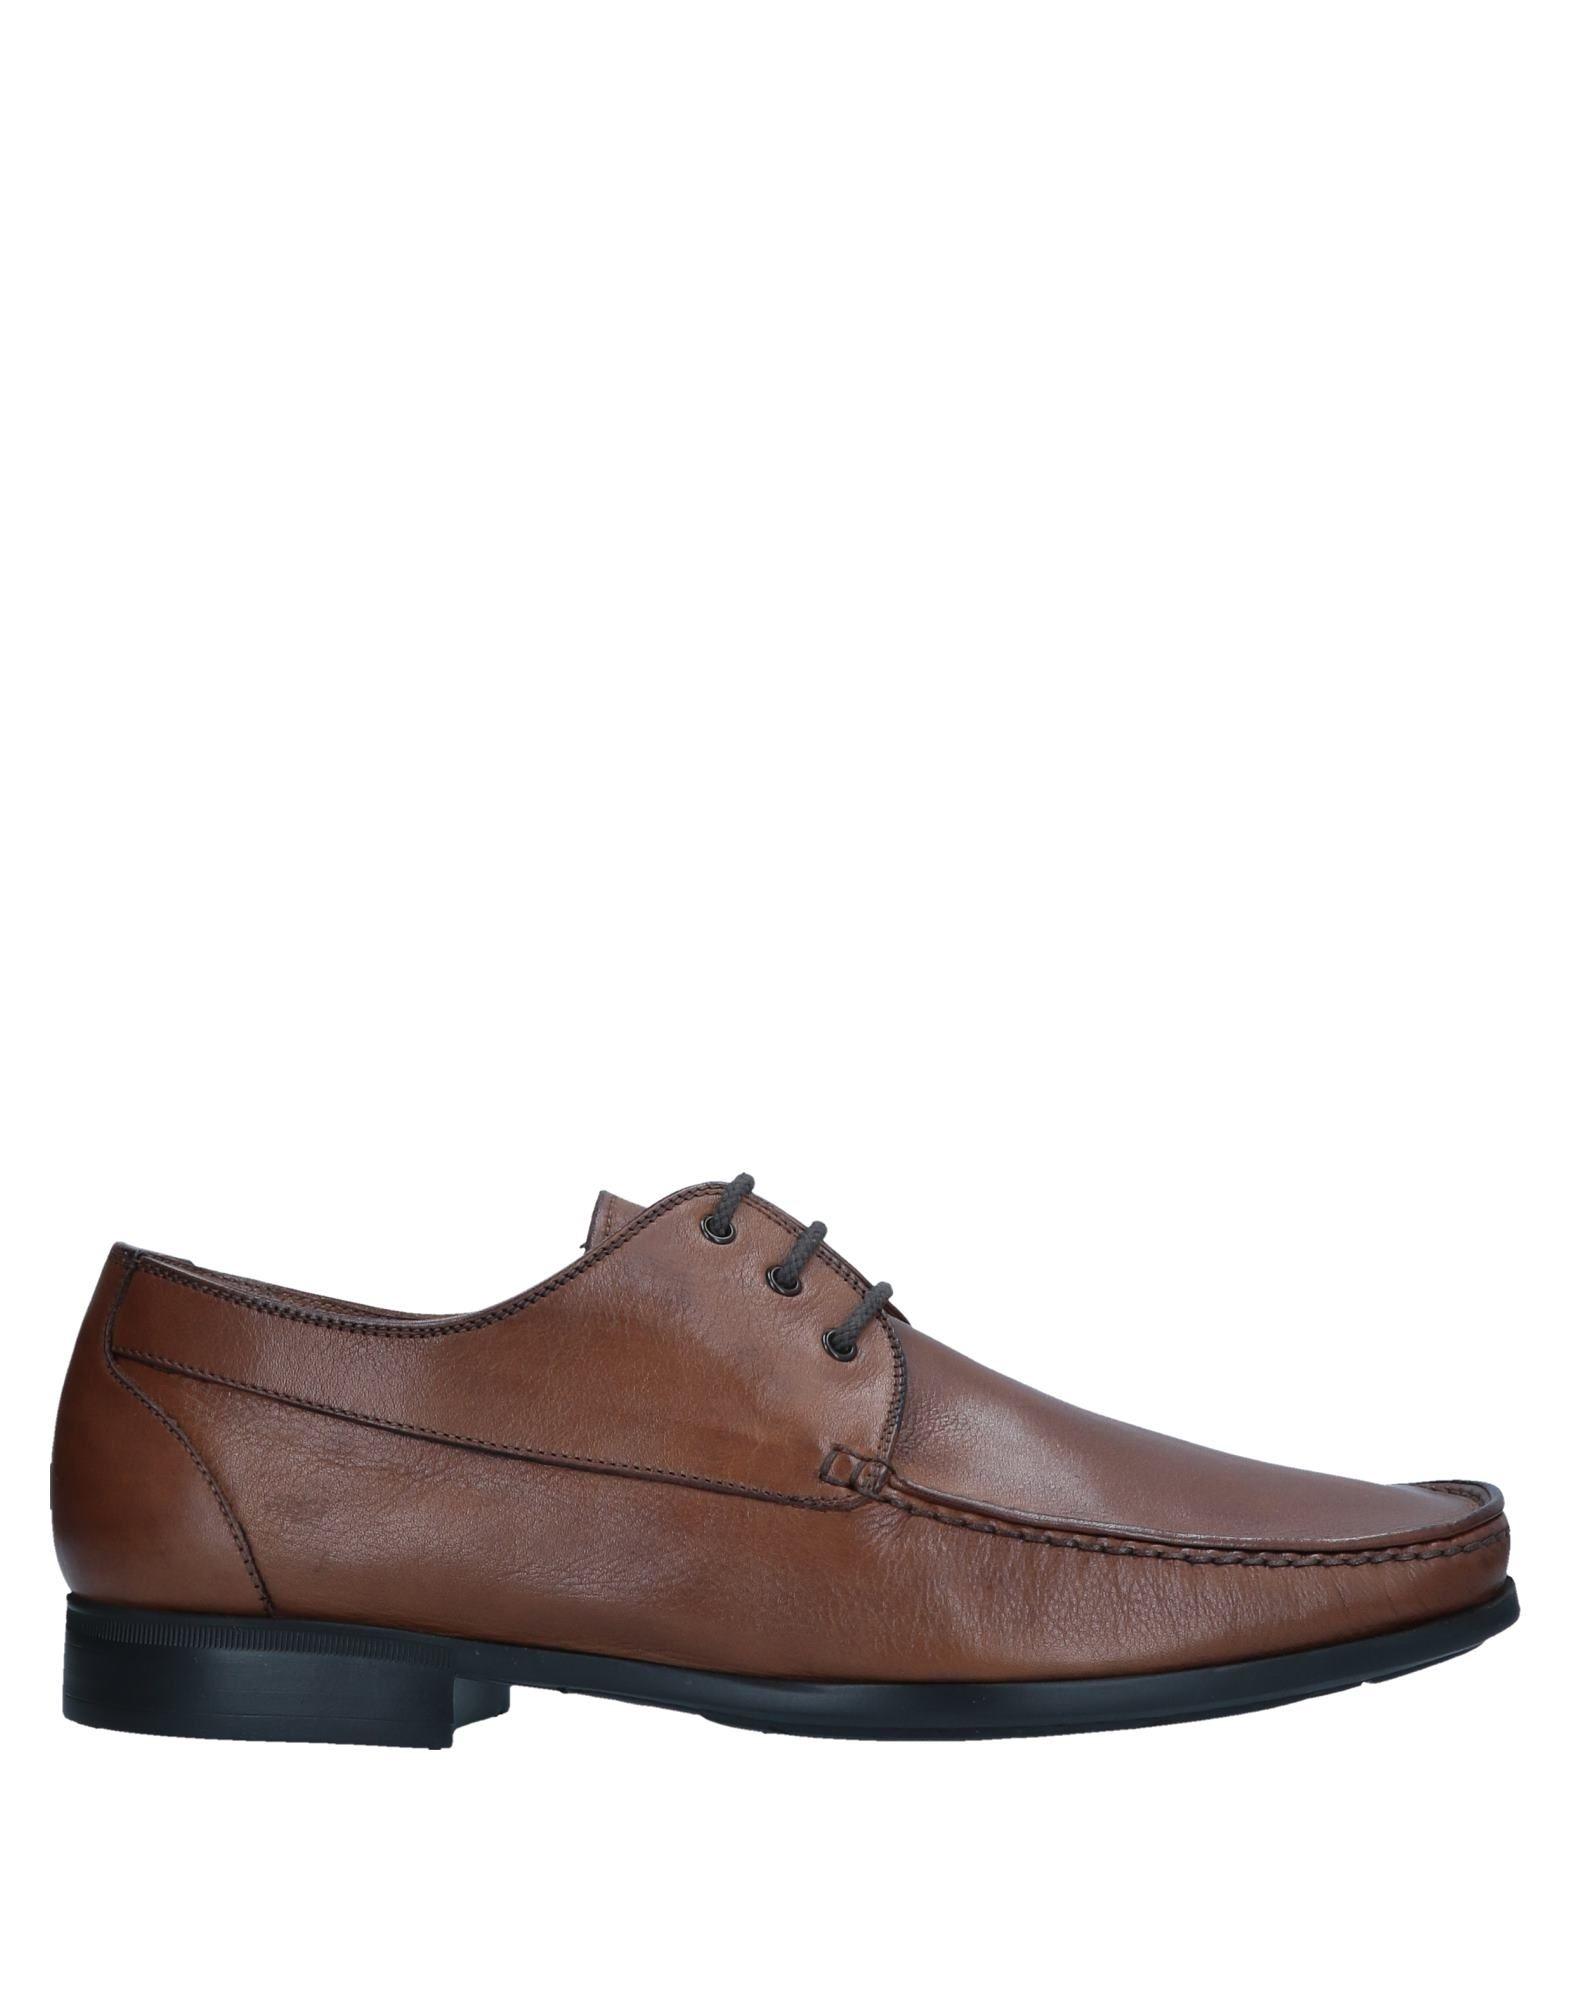 Rabatt echte Schuhe Herren Today By Calpierre Schnürschuhe Herren Schuhe  11551615AQ a1f9c4